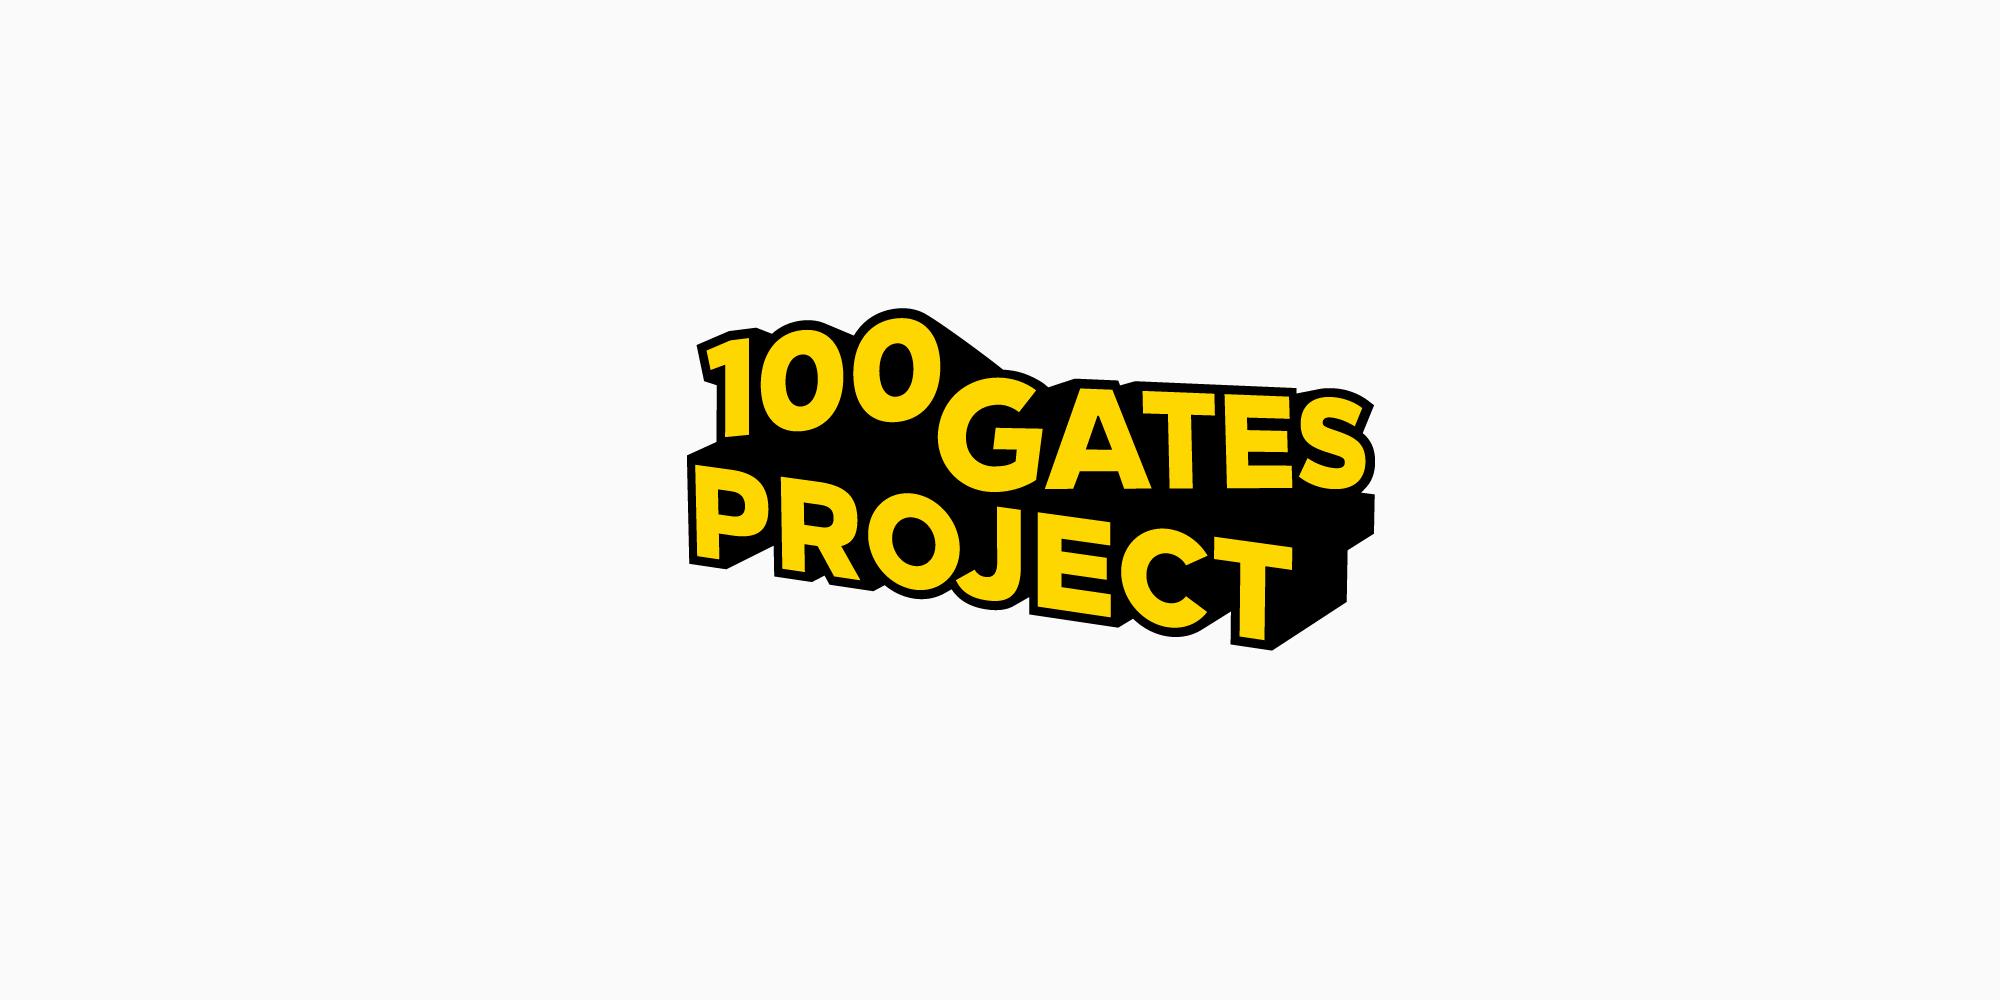 TM_CaseStudy_100Gates_Logo_v2_MB.png